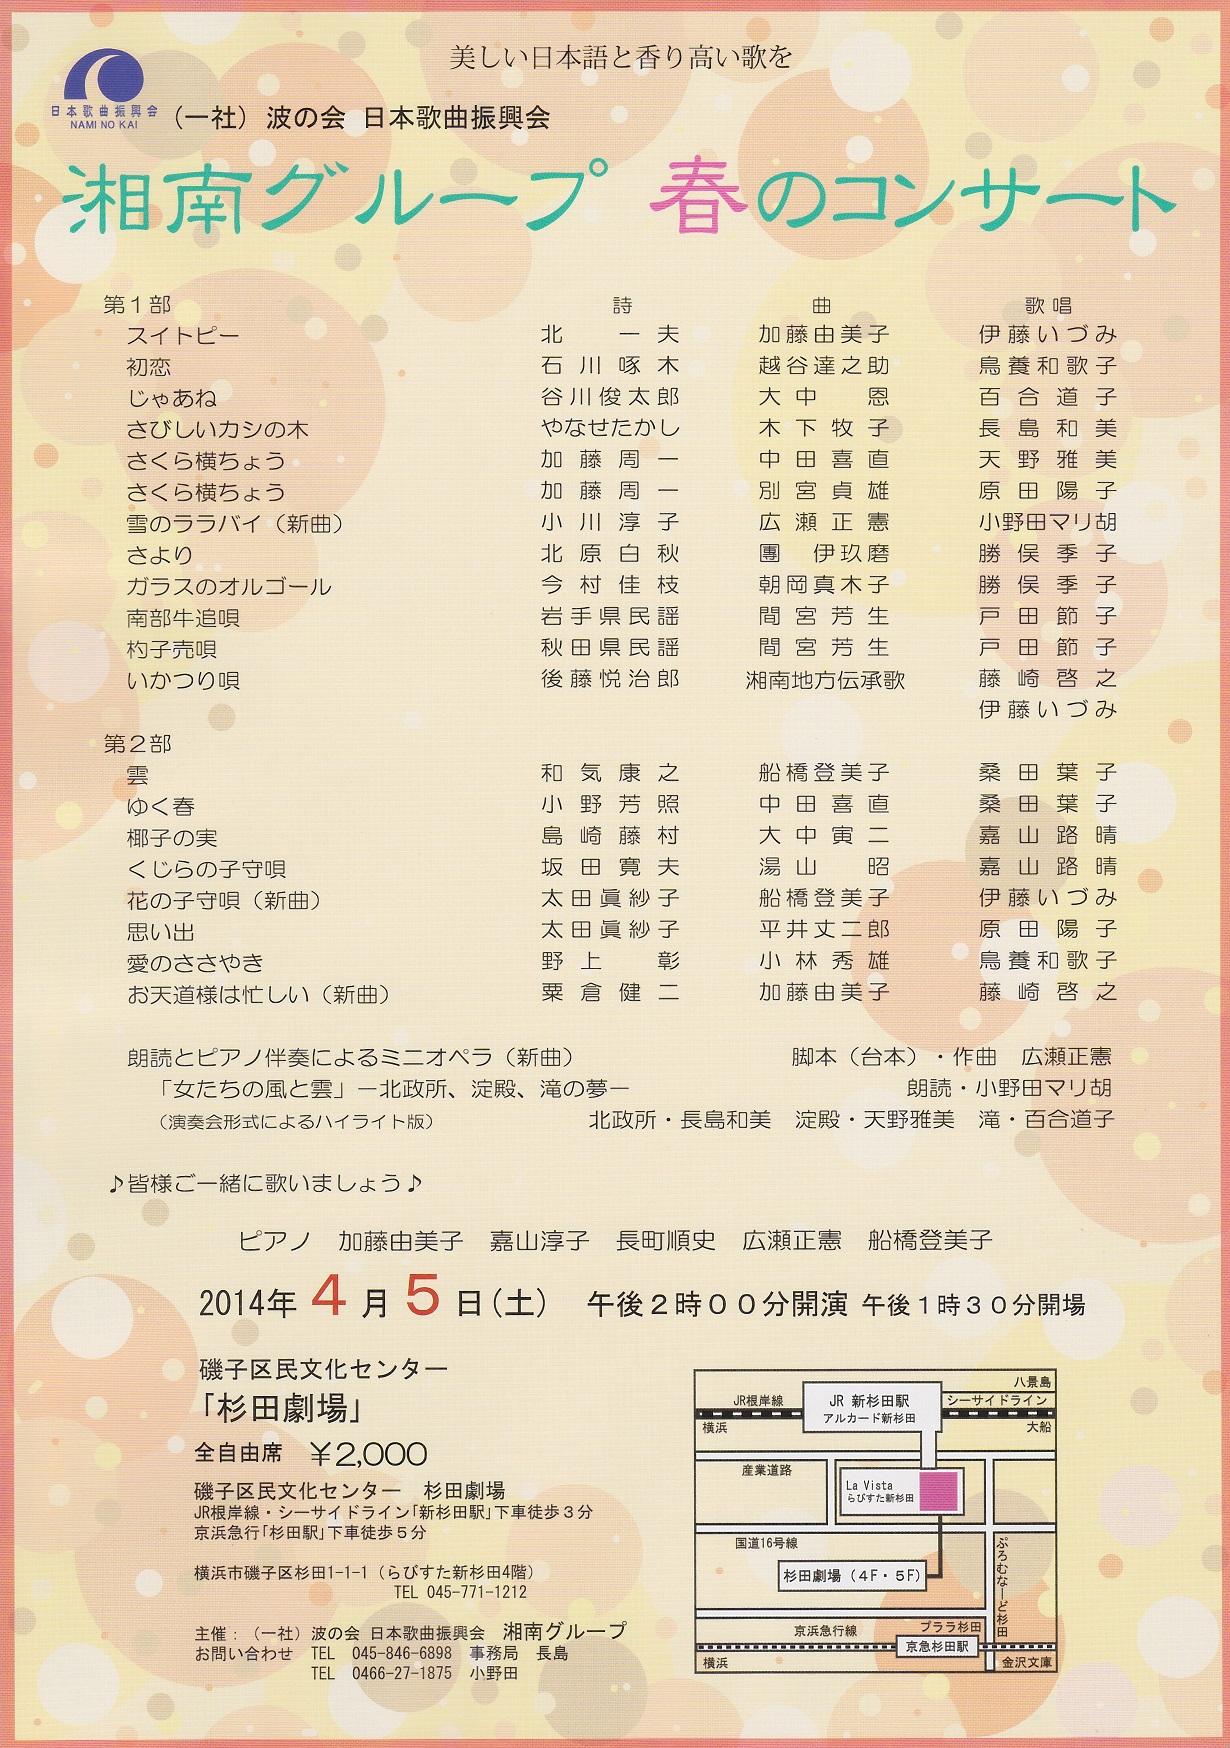 湘南グループ 2014春2